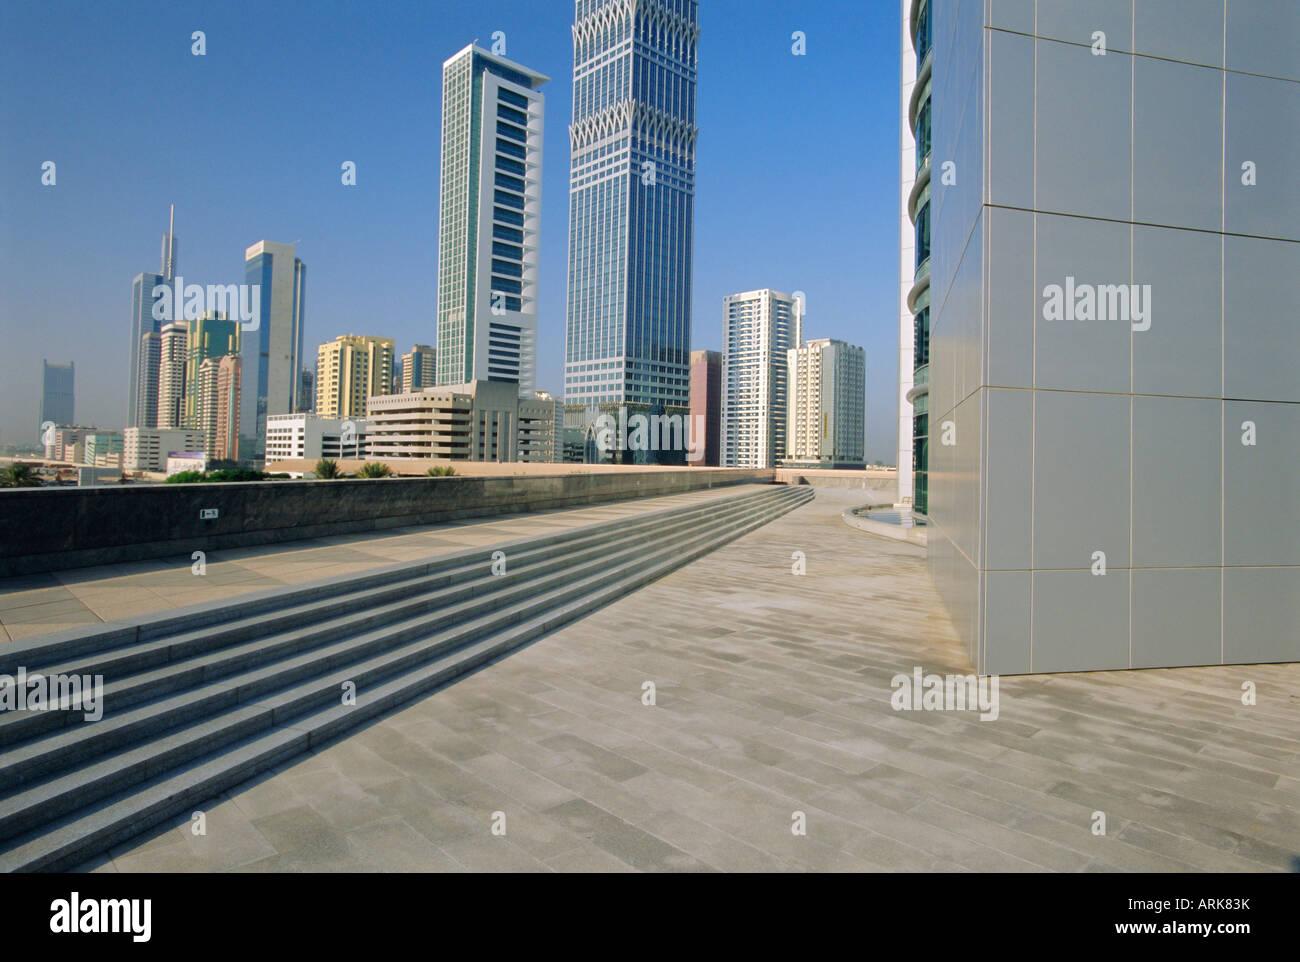 Dubai, United Arab Emirates, Middle East - Stock Image